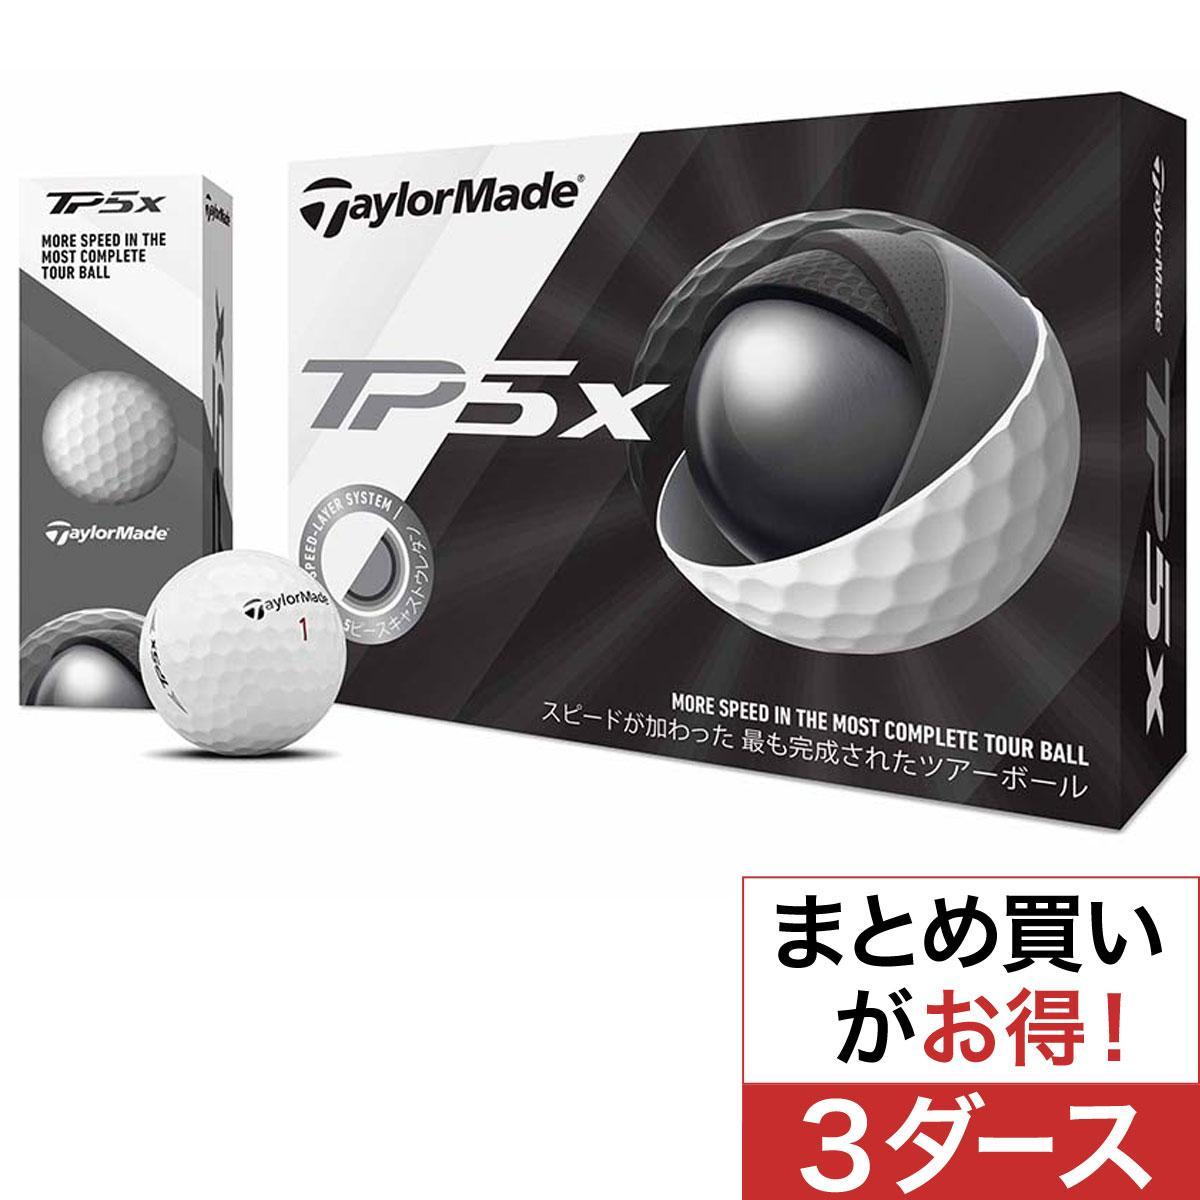 【4/14(日)までお得なクーポン配布中♪】【1ダースあたり5184円】テーラーメイド TP TP5x ボール 3ダースセット